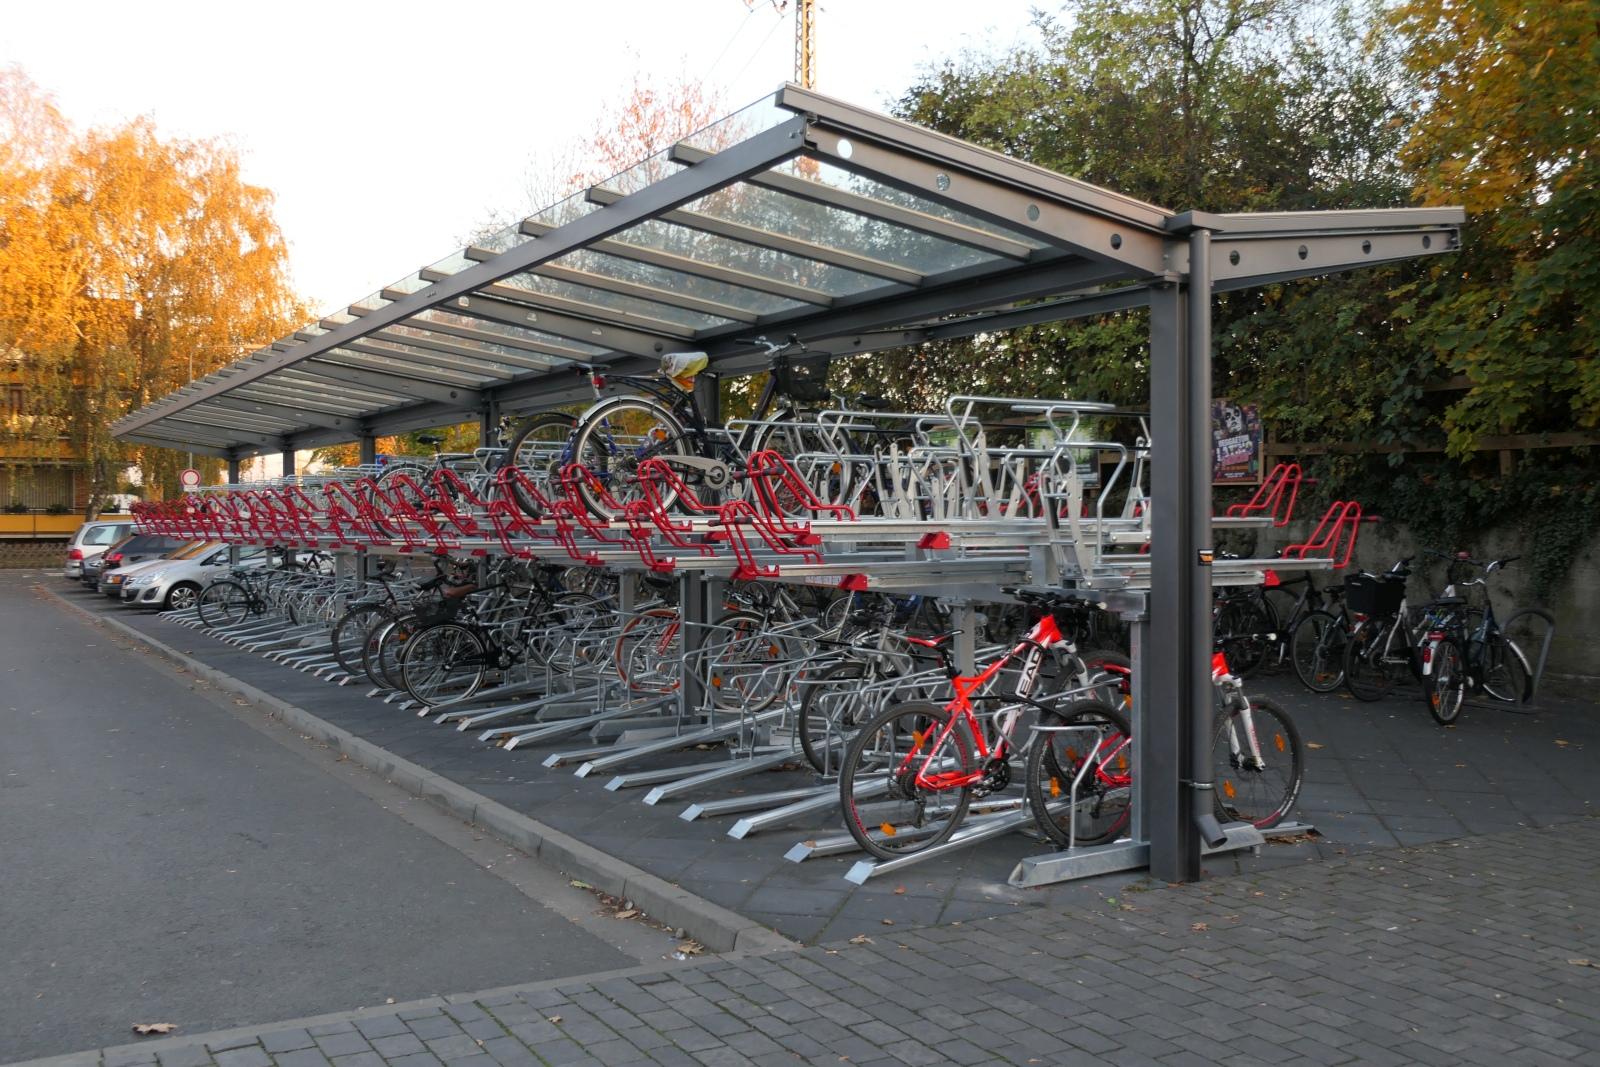 Fahrrad-Abstellanlage an der Nordseite des Bahnhofs Frankfurt-Höchst.